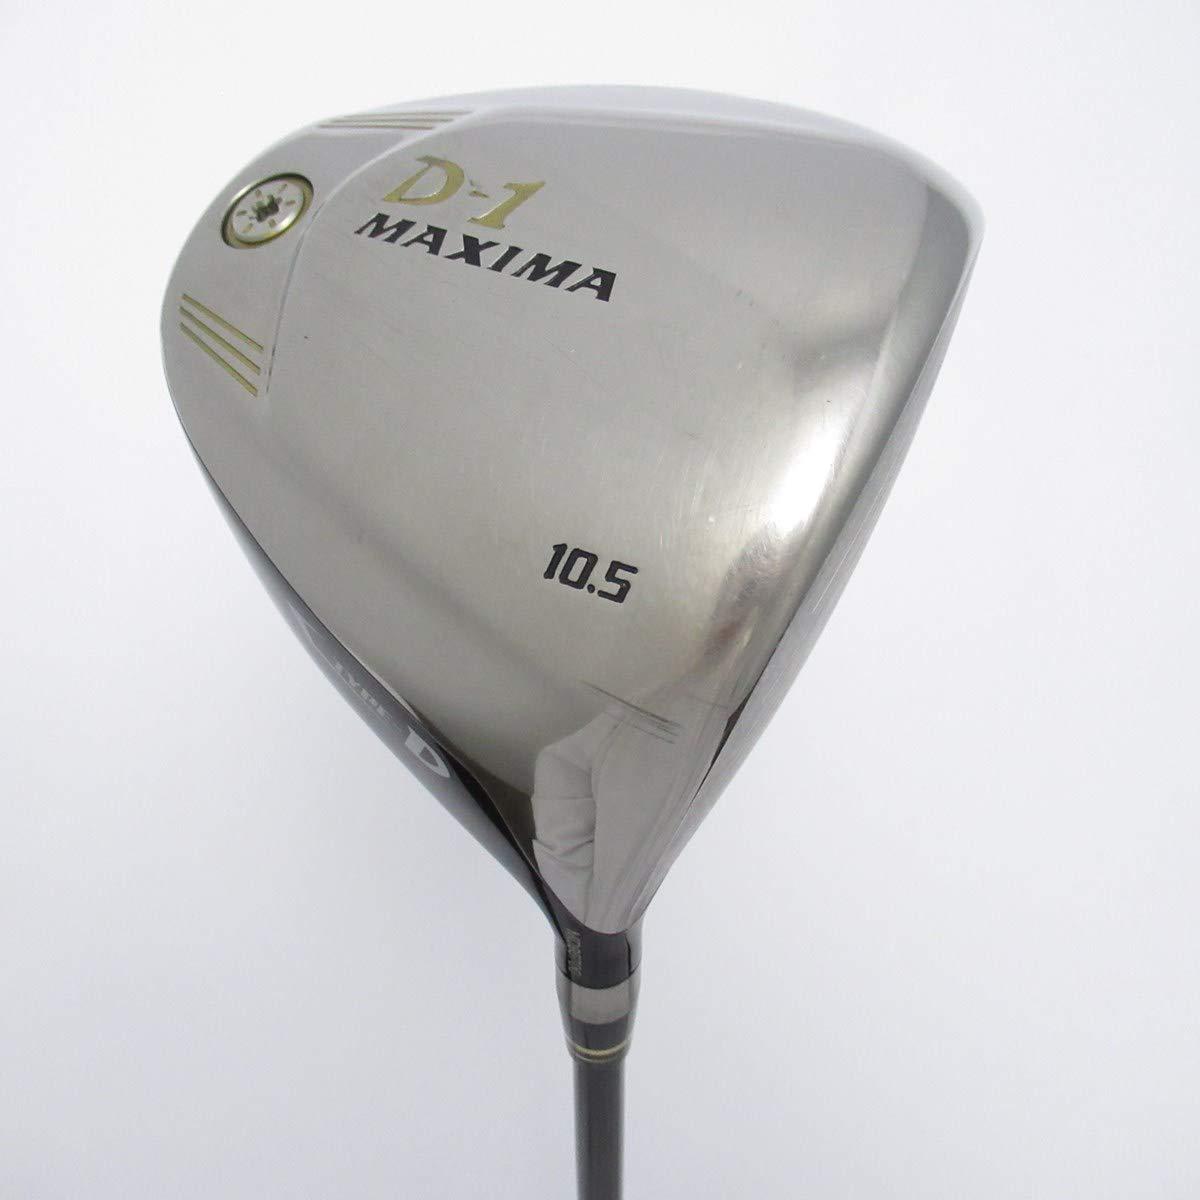 【中古】リョーマ ゴルフ RYOMA GOLF Ryoma D-1 MAXIMA TYPE-D ドライバー Tour AD MX-D B07RTXD6MS  SR